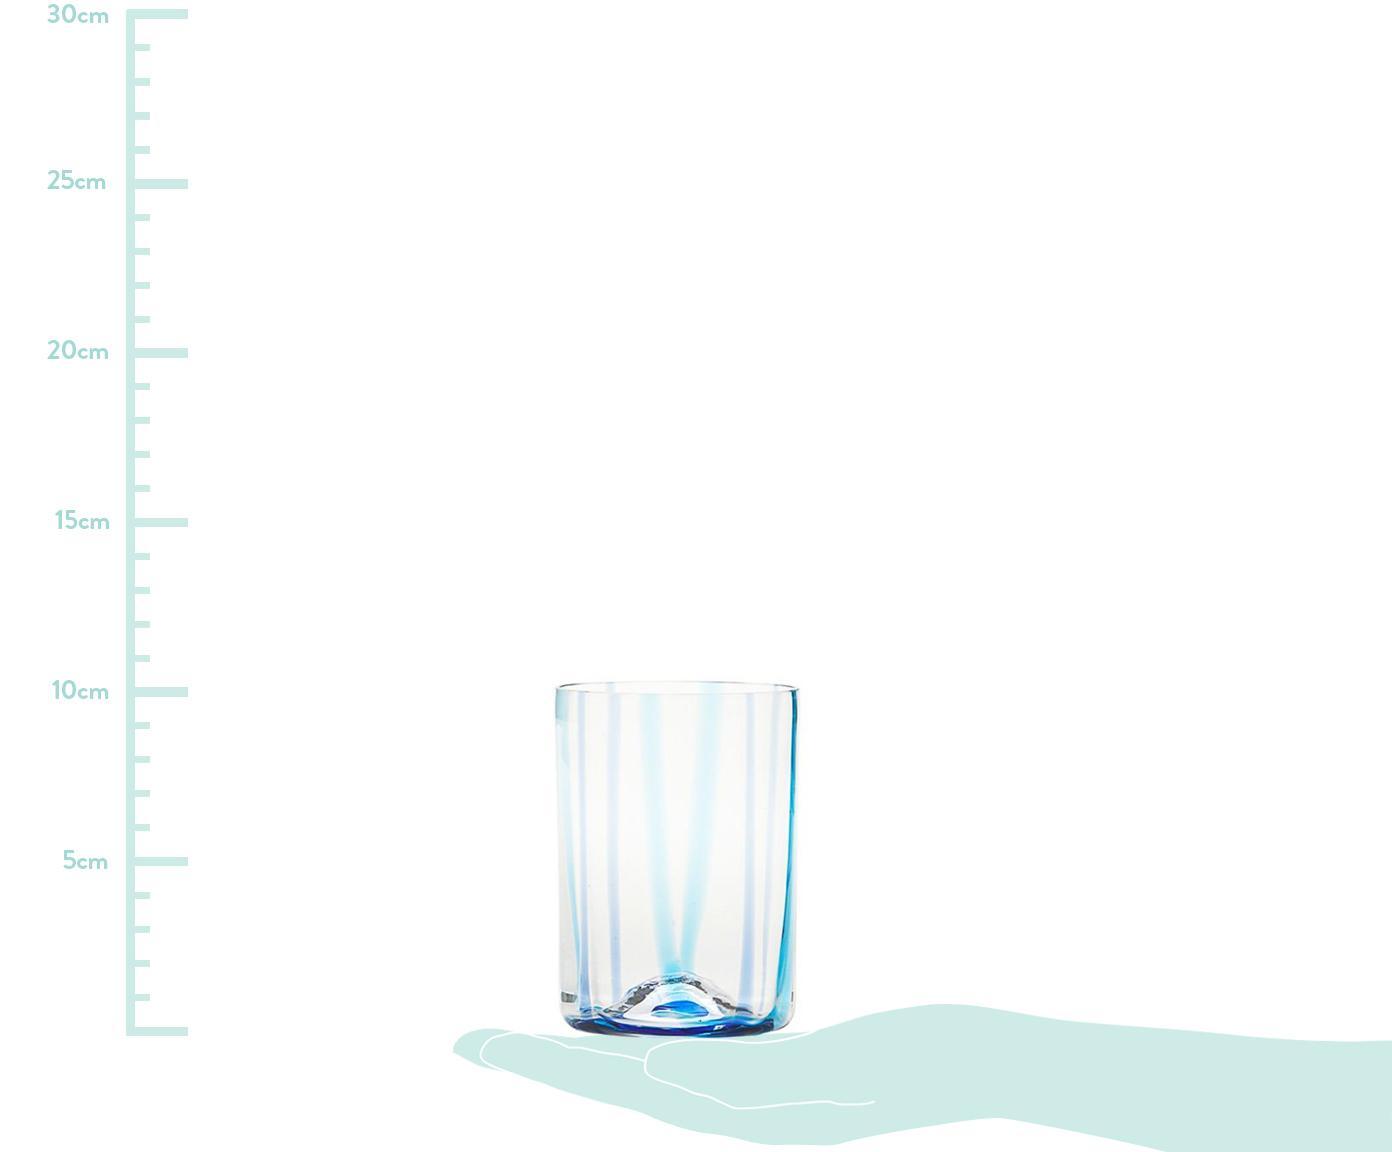 Komplet szklanek do wody ze szkła dmuchanego Tirache, 6 elem., Szkło, Wielobarwny, Ø 7 x W 10 cm